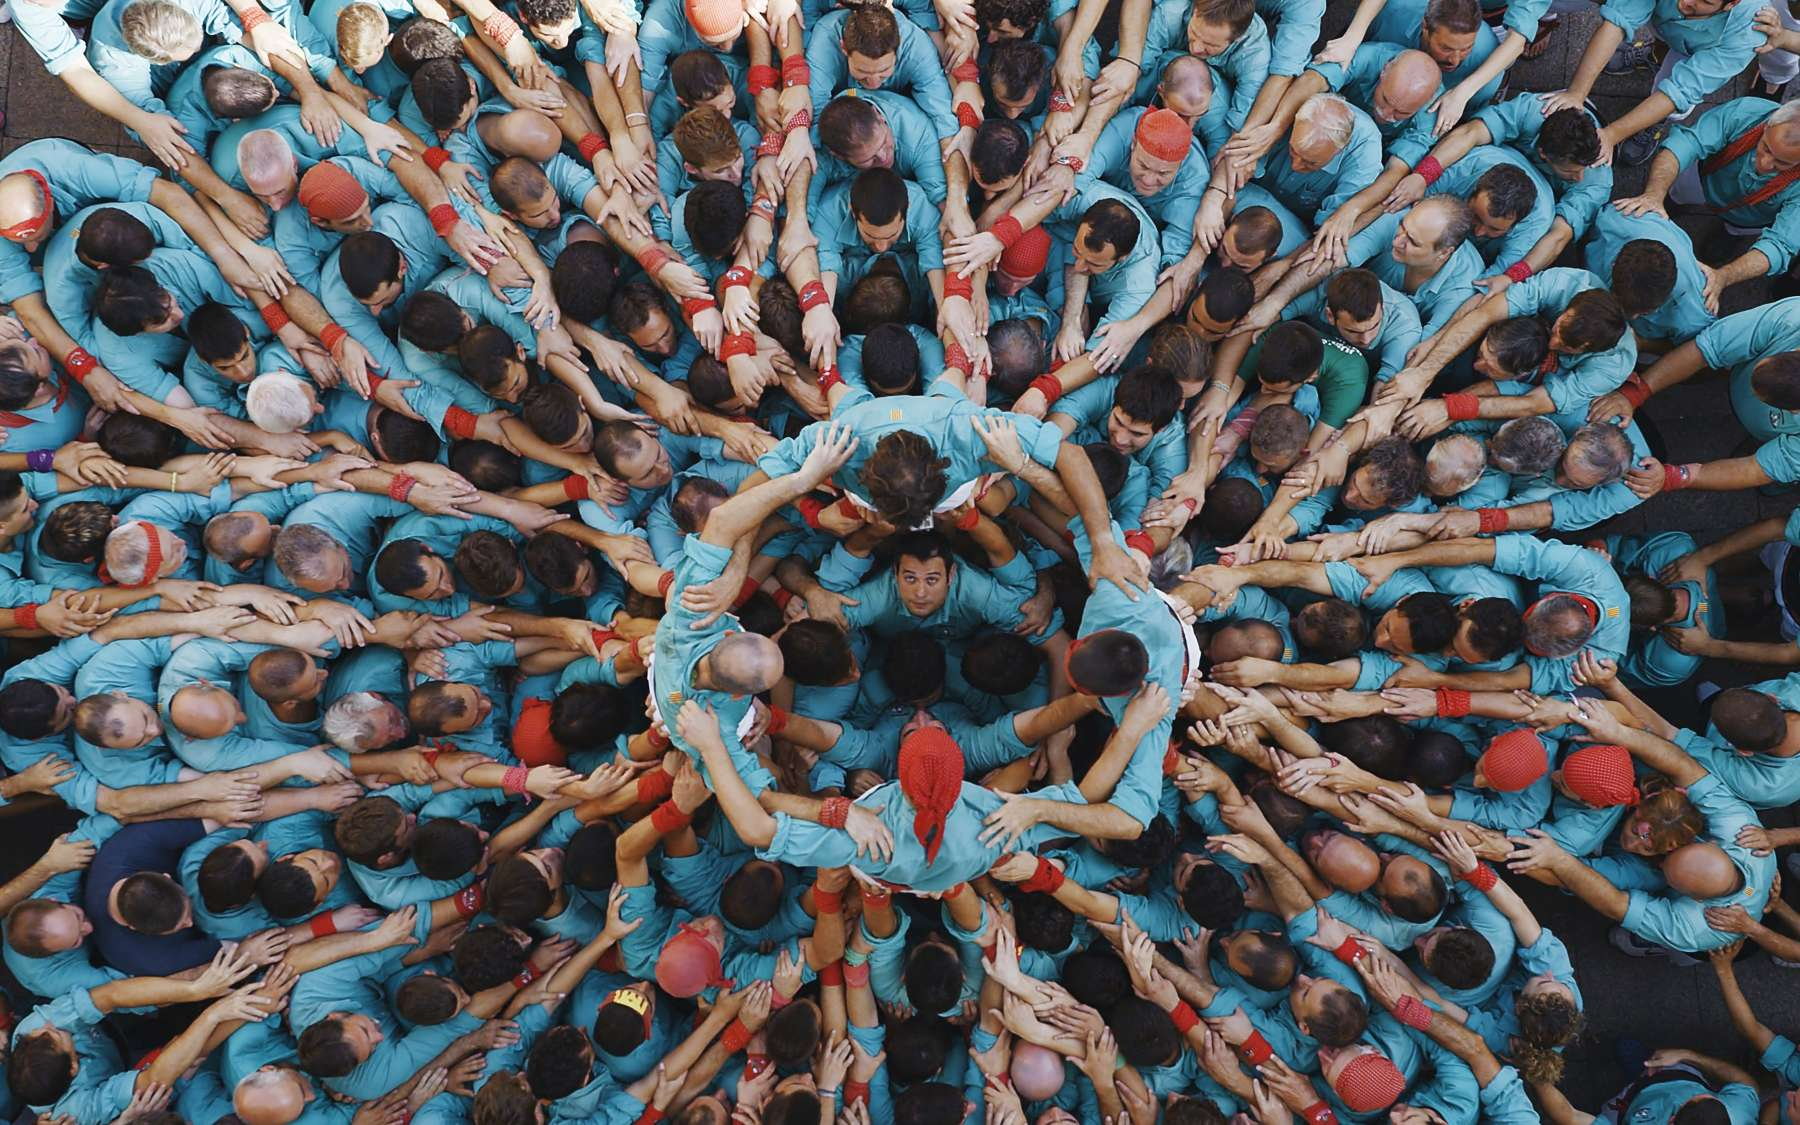 La caméra est ici en hauteur pour filmer ce « castell », tradition catalane pour former une tour humaine qu'escaladera un enfant. Mais pour Human, Yann Arthus-Bertrand filme surtout à hauteur d'homme. Son documentaire nous fait rencontrer des milliers de personnes que nous apprenons ainsi à mieux connaître. © Human The Movie